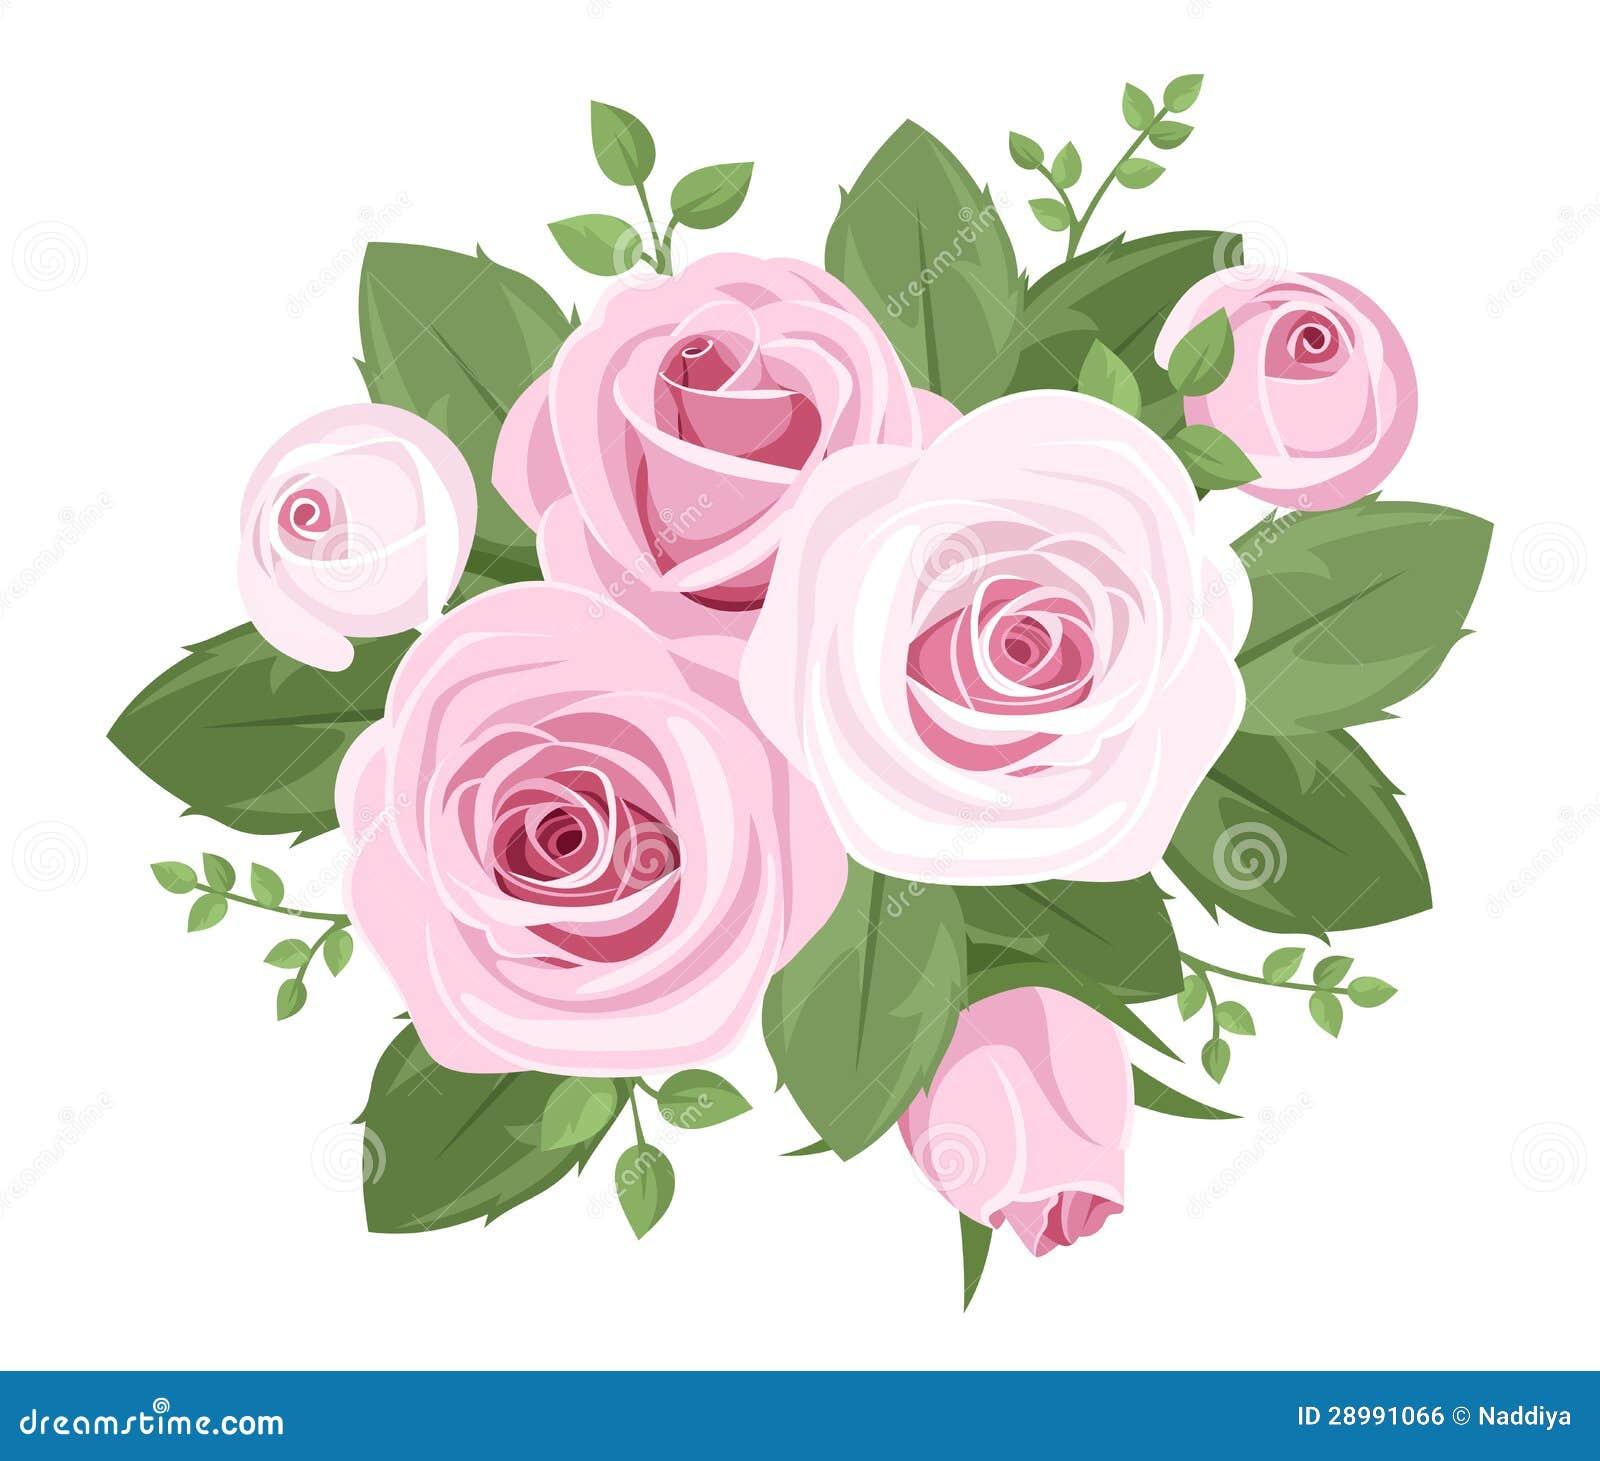 Ρόδινα τριαντάφυλλα, μπουμπούκια τριαντάφυλλου και φύλλα.